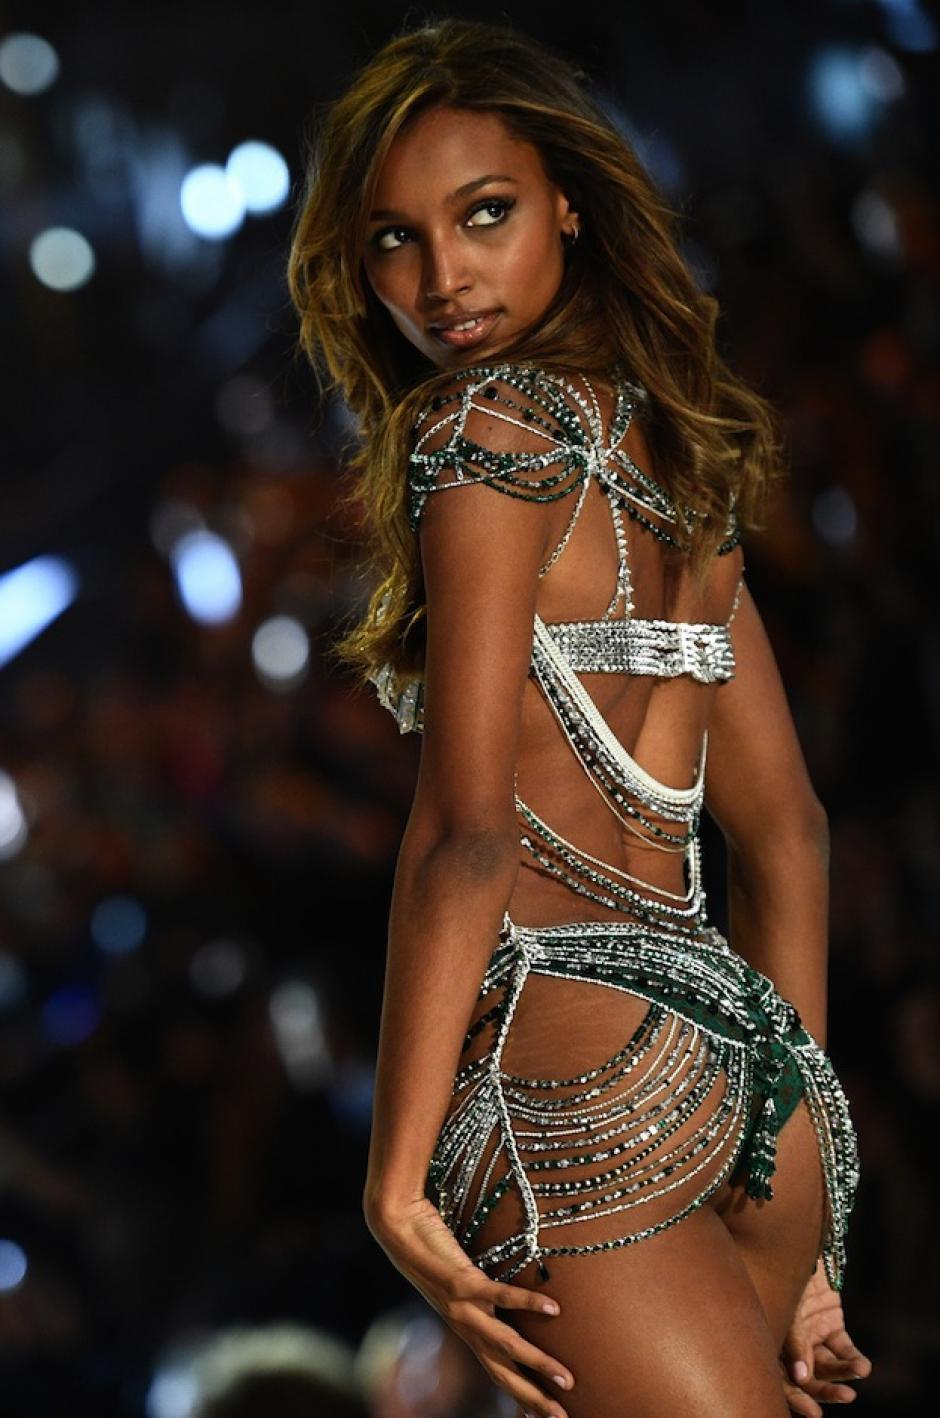 Un total de 52 modelos hicieron presencia en el show. (Foto: AFP)